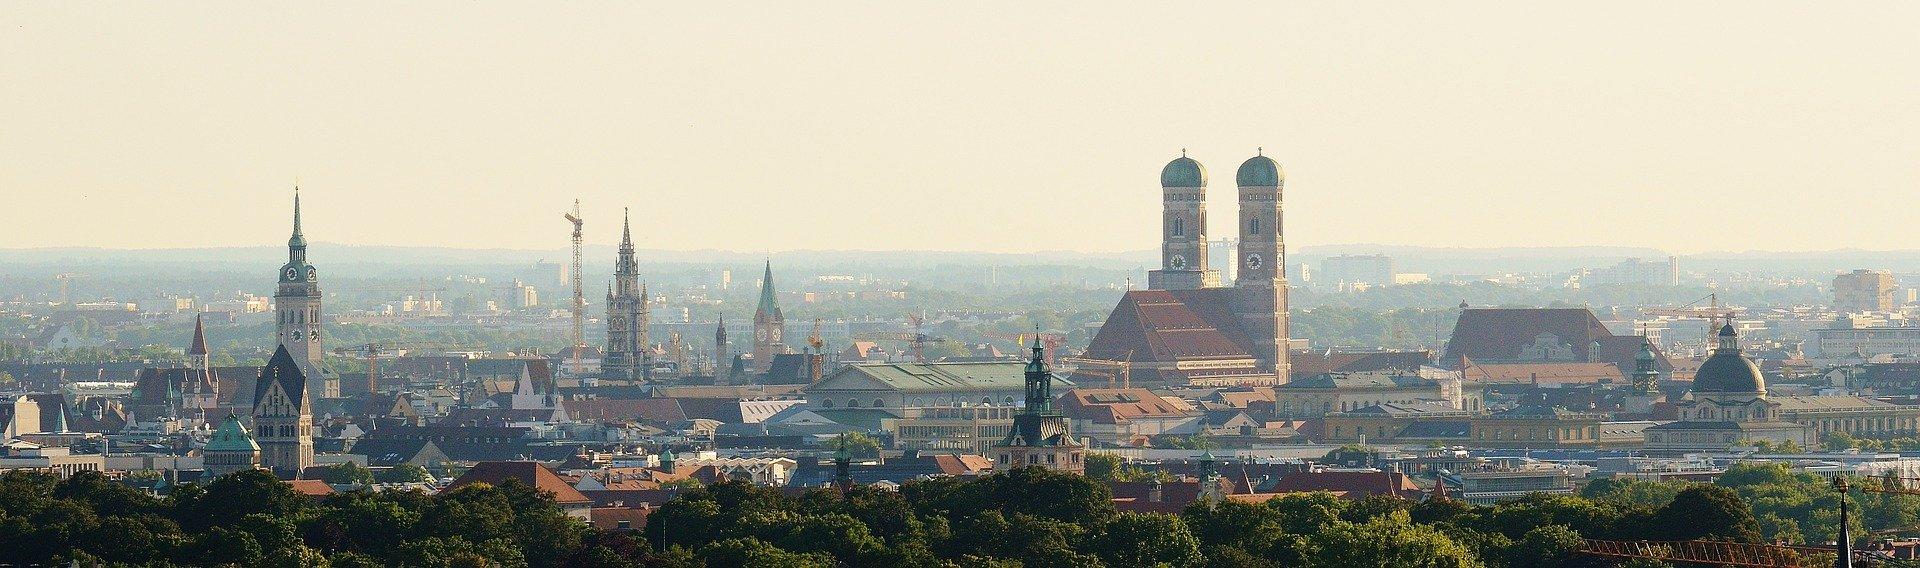 Grillplätze in München - Wir zeigen Dir wo man Grillen